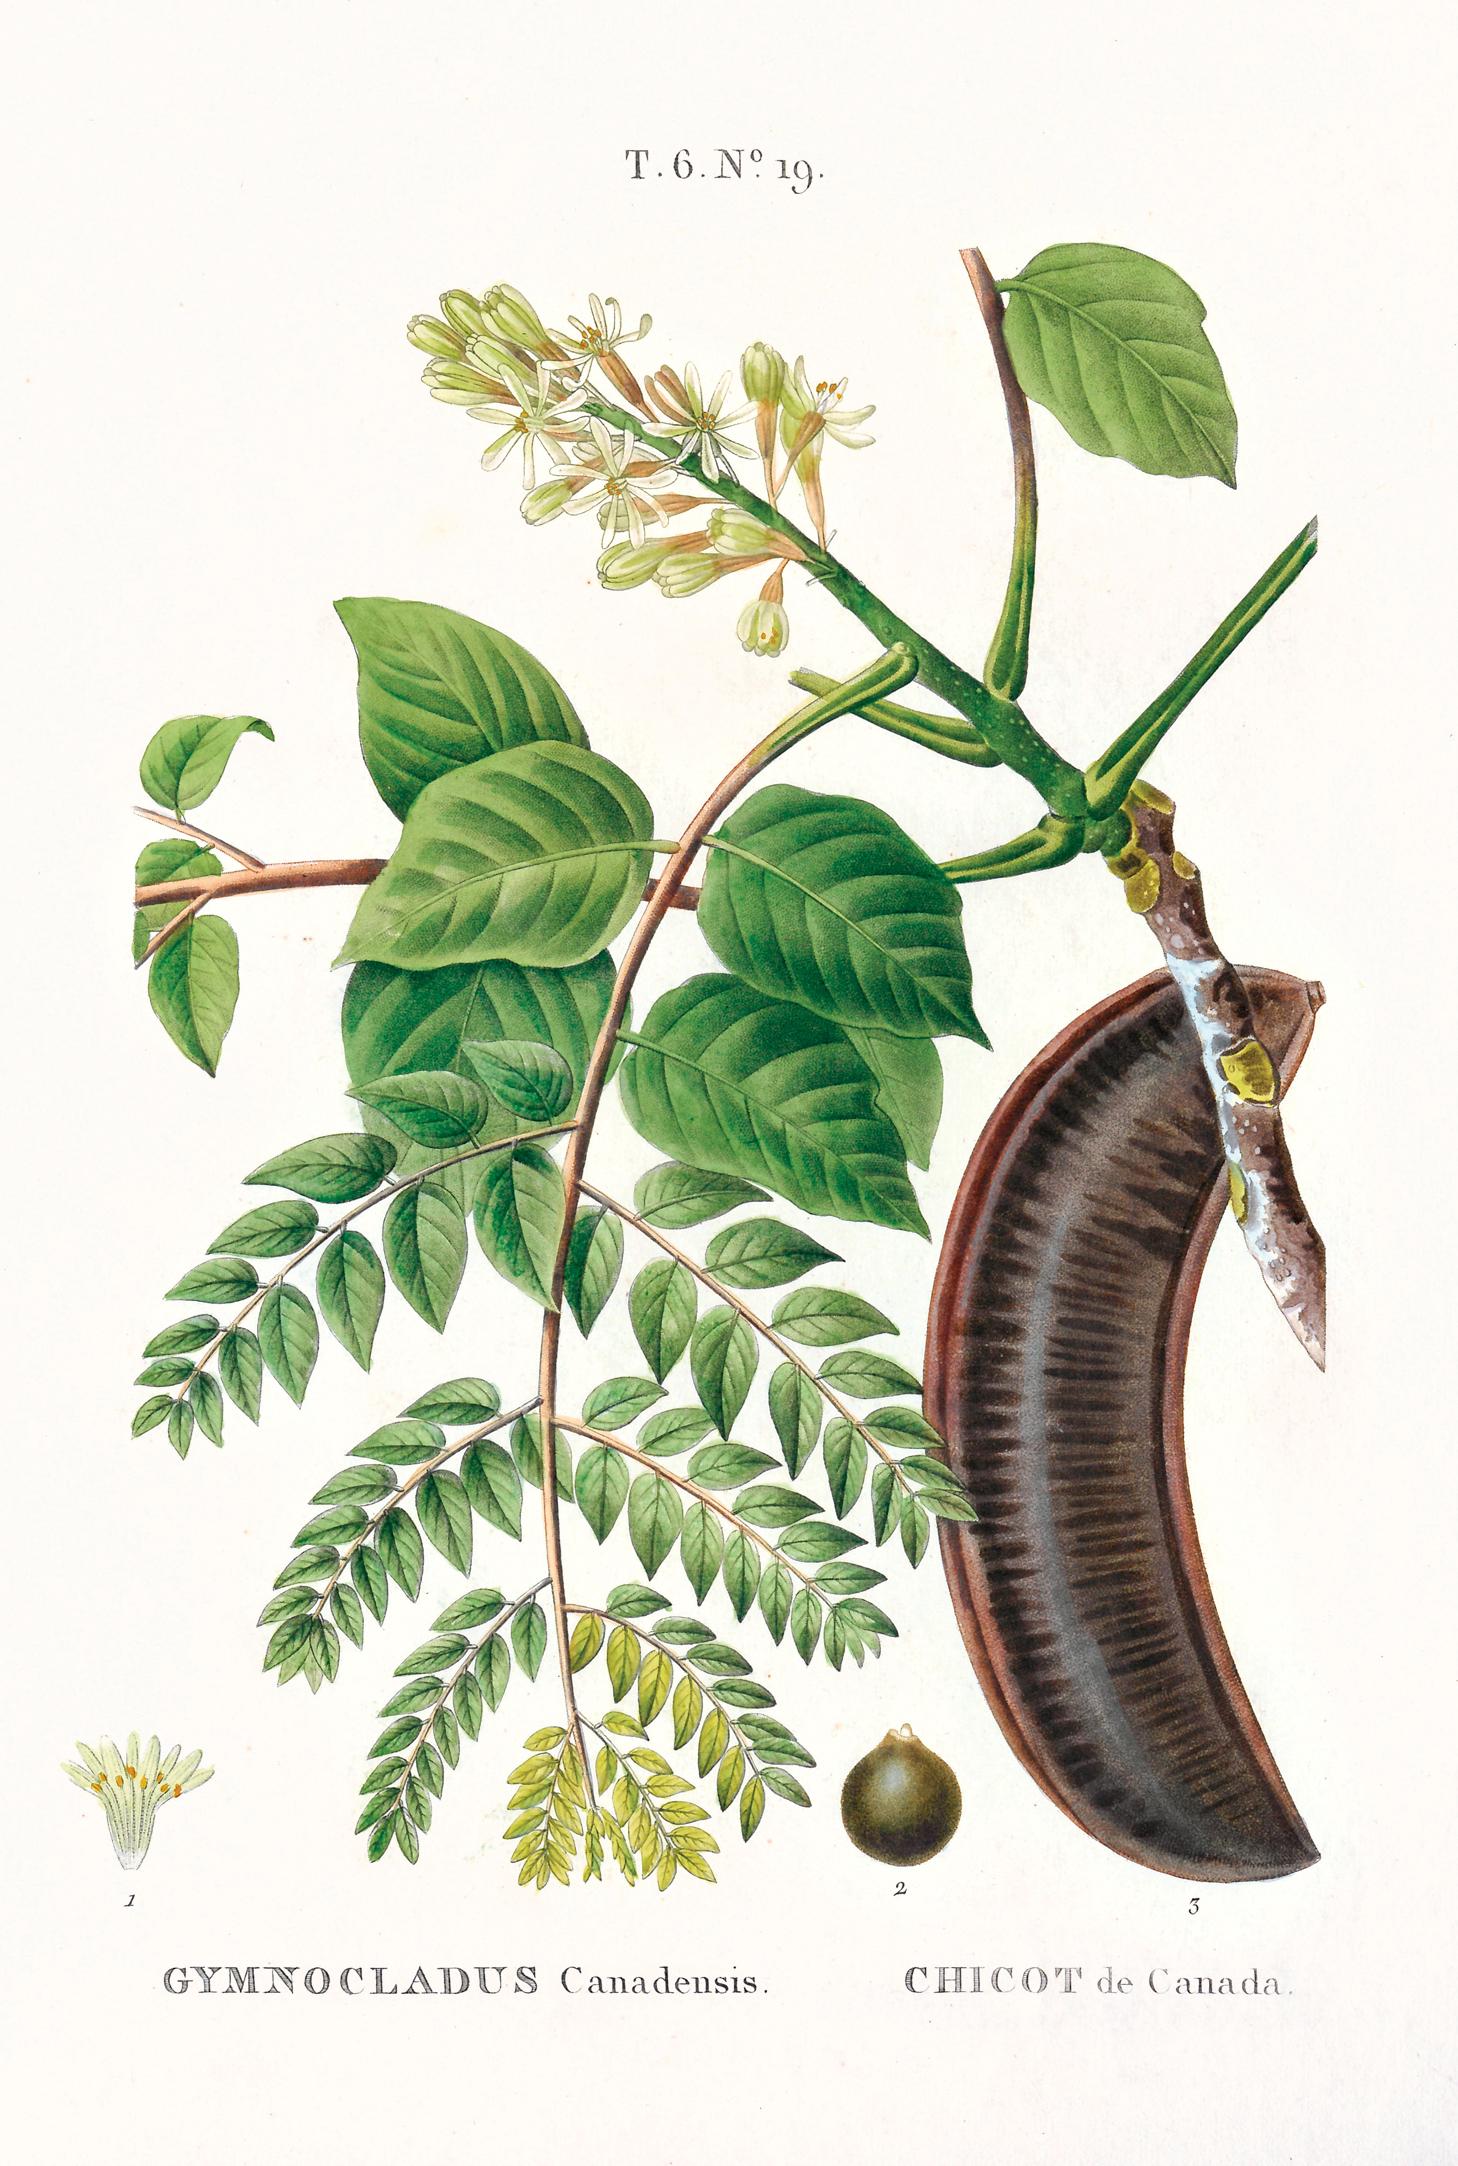 Illustration of Kentucky Coffeetree